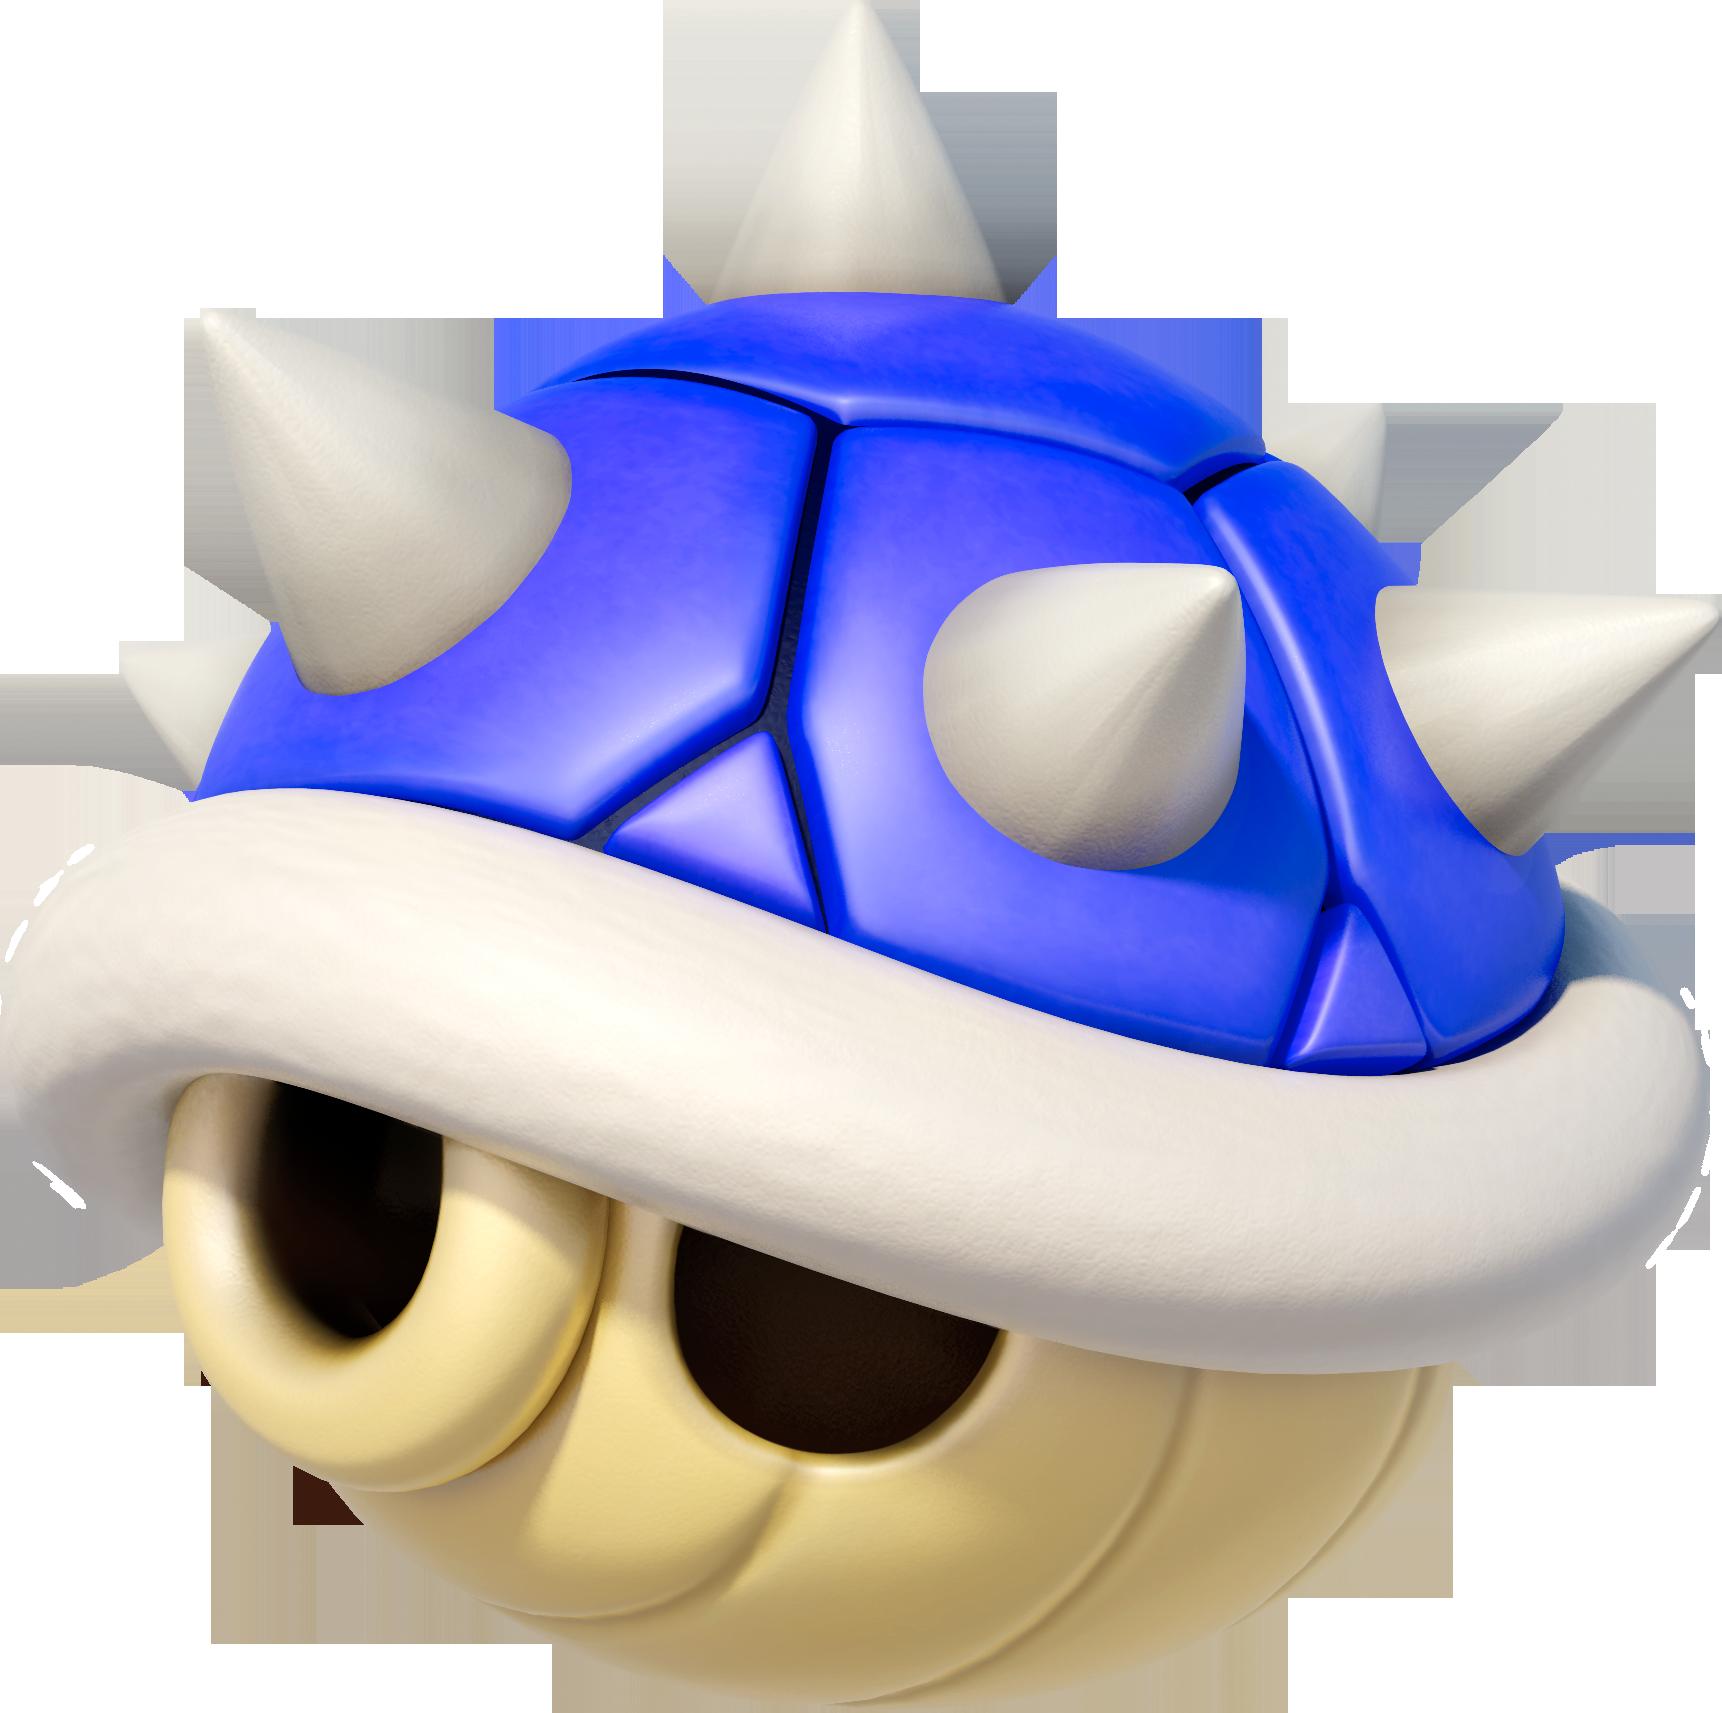 Spiny Shell Mario Kart 8 Png Mario Kart Characters Mario Kart Mario Kart 8